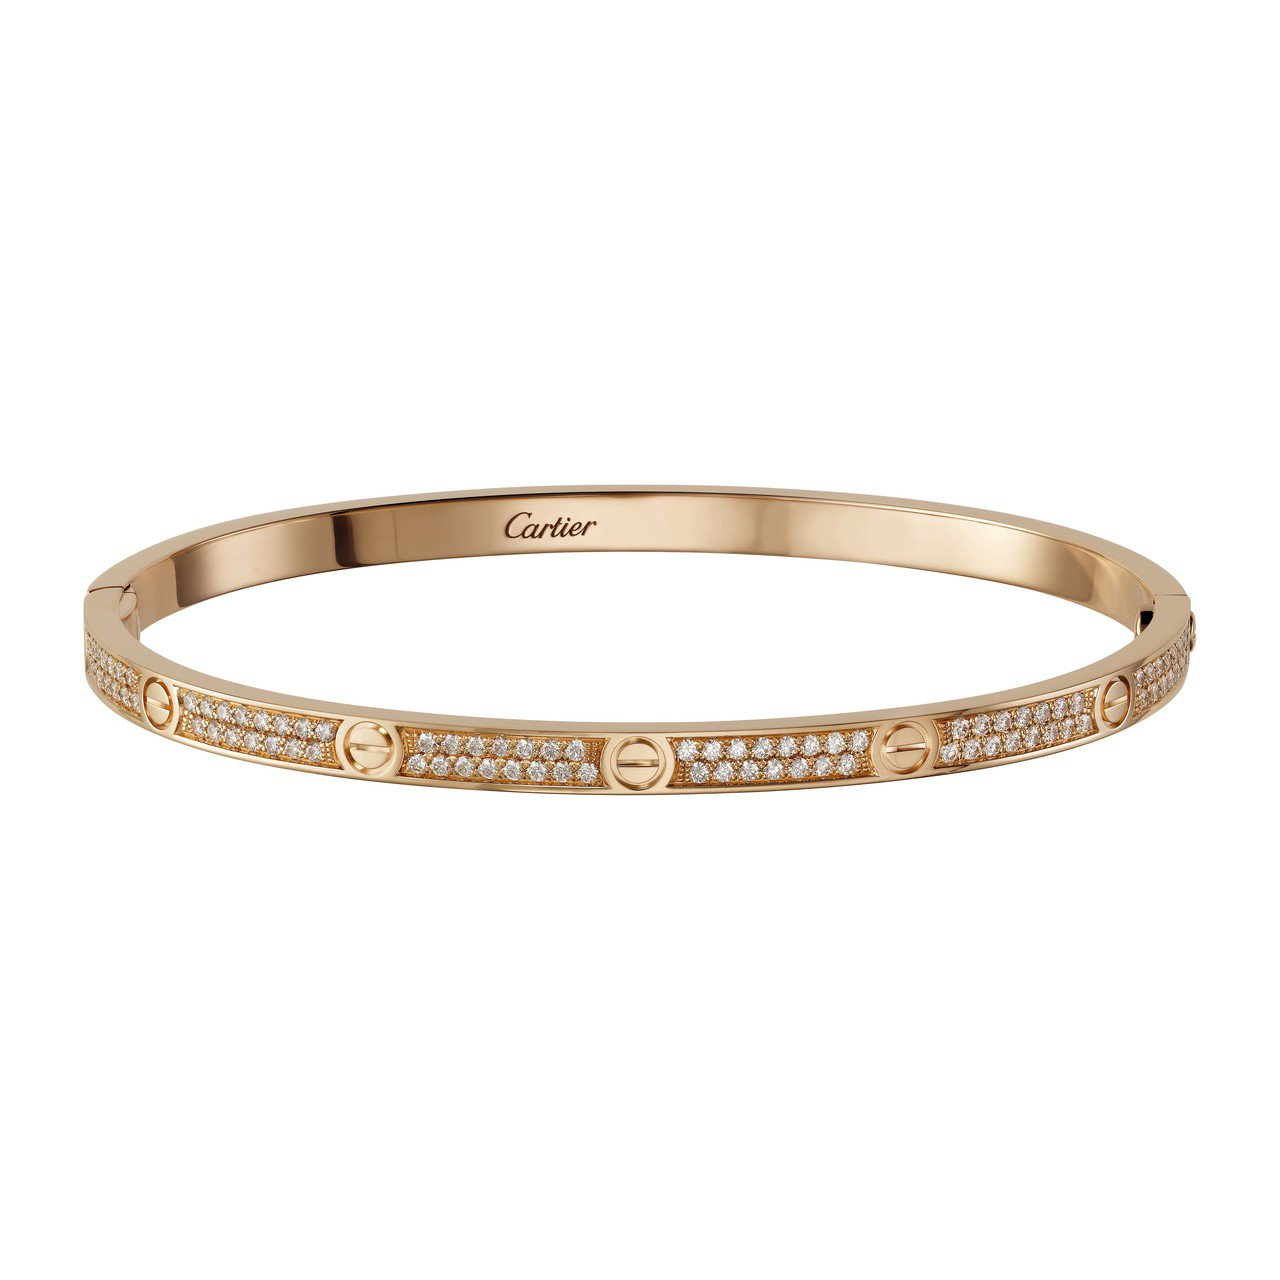 卡地亞 LOVE 系列全鋪鑲鑽石手環(窄版),玫瑰K金,約81萬元。圖/卡地亞提...